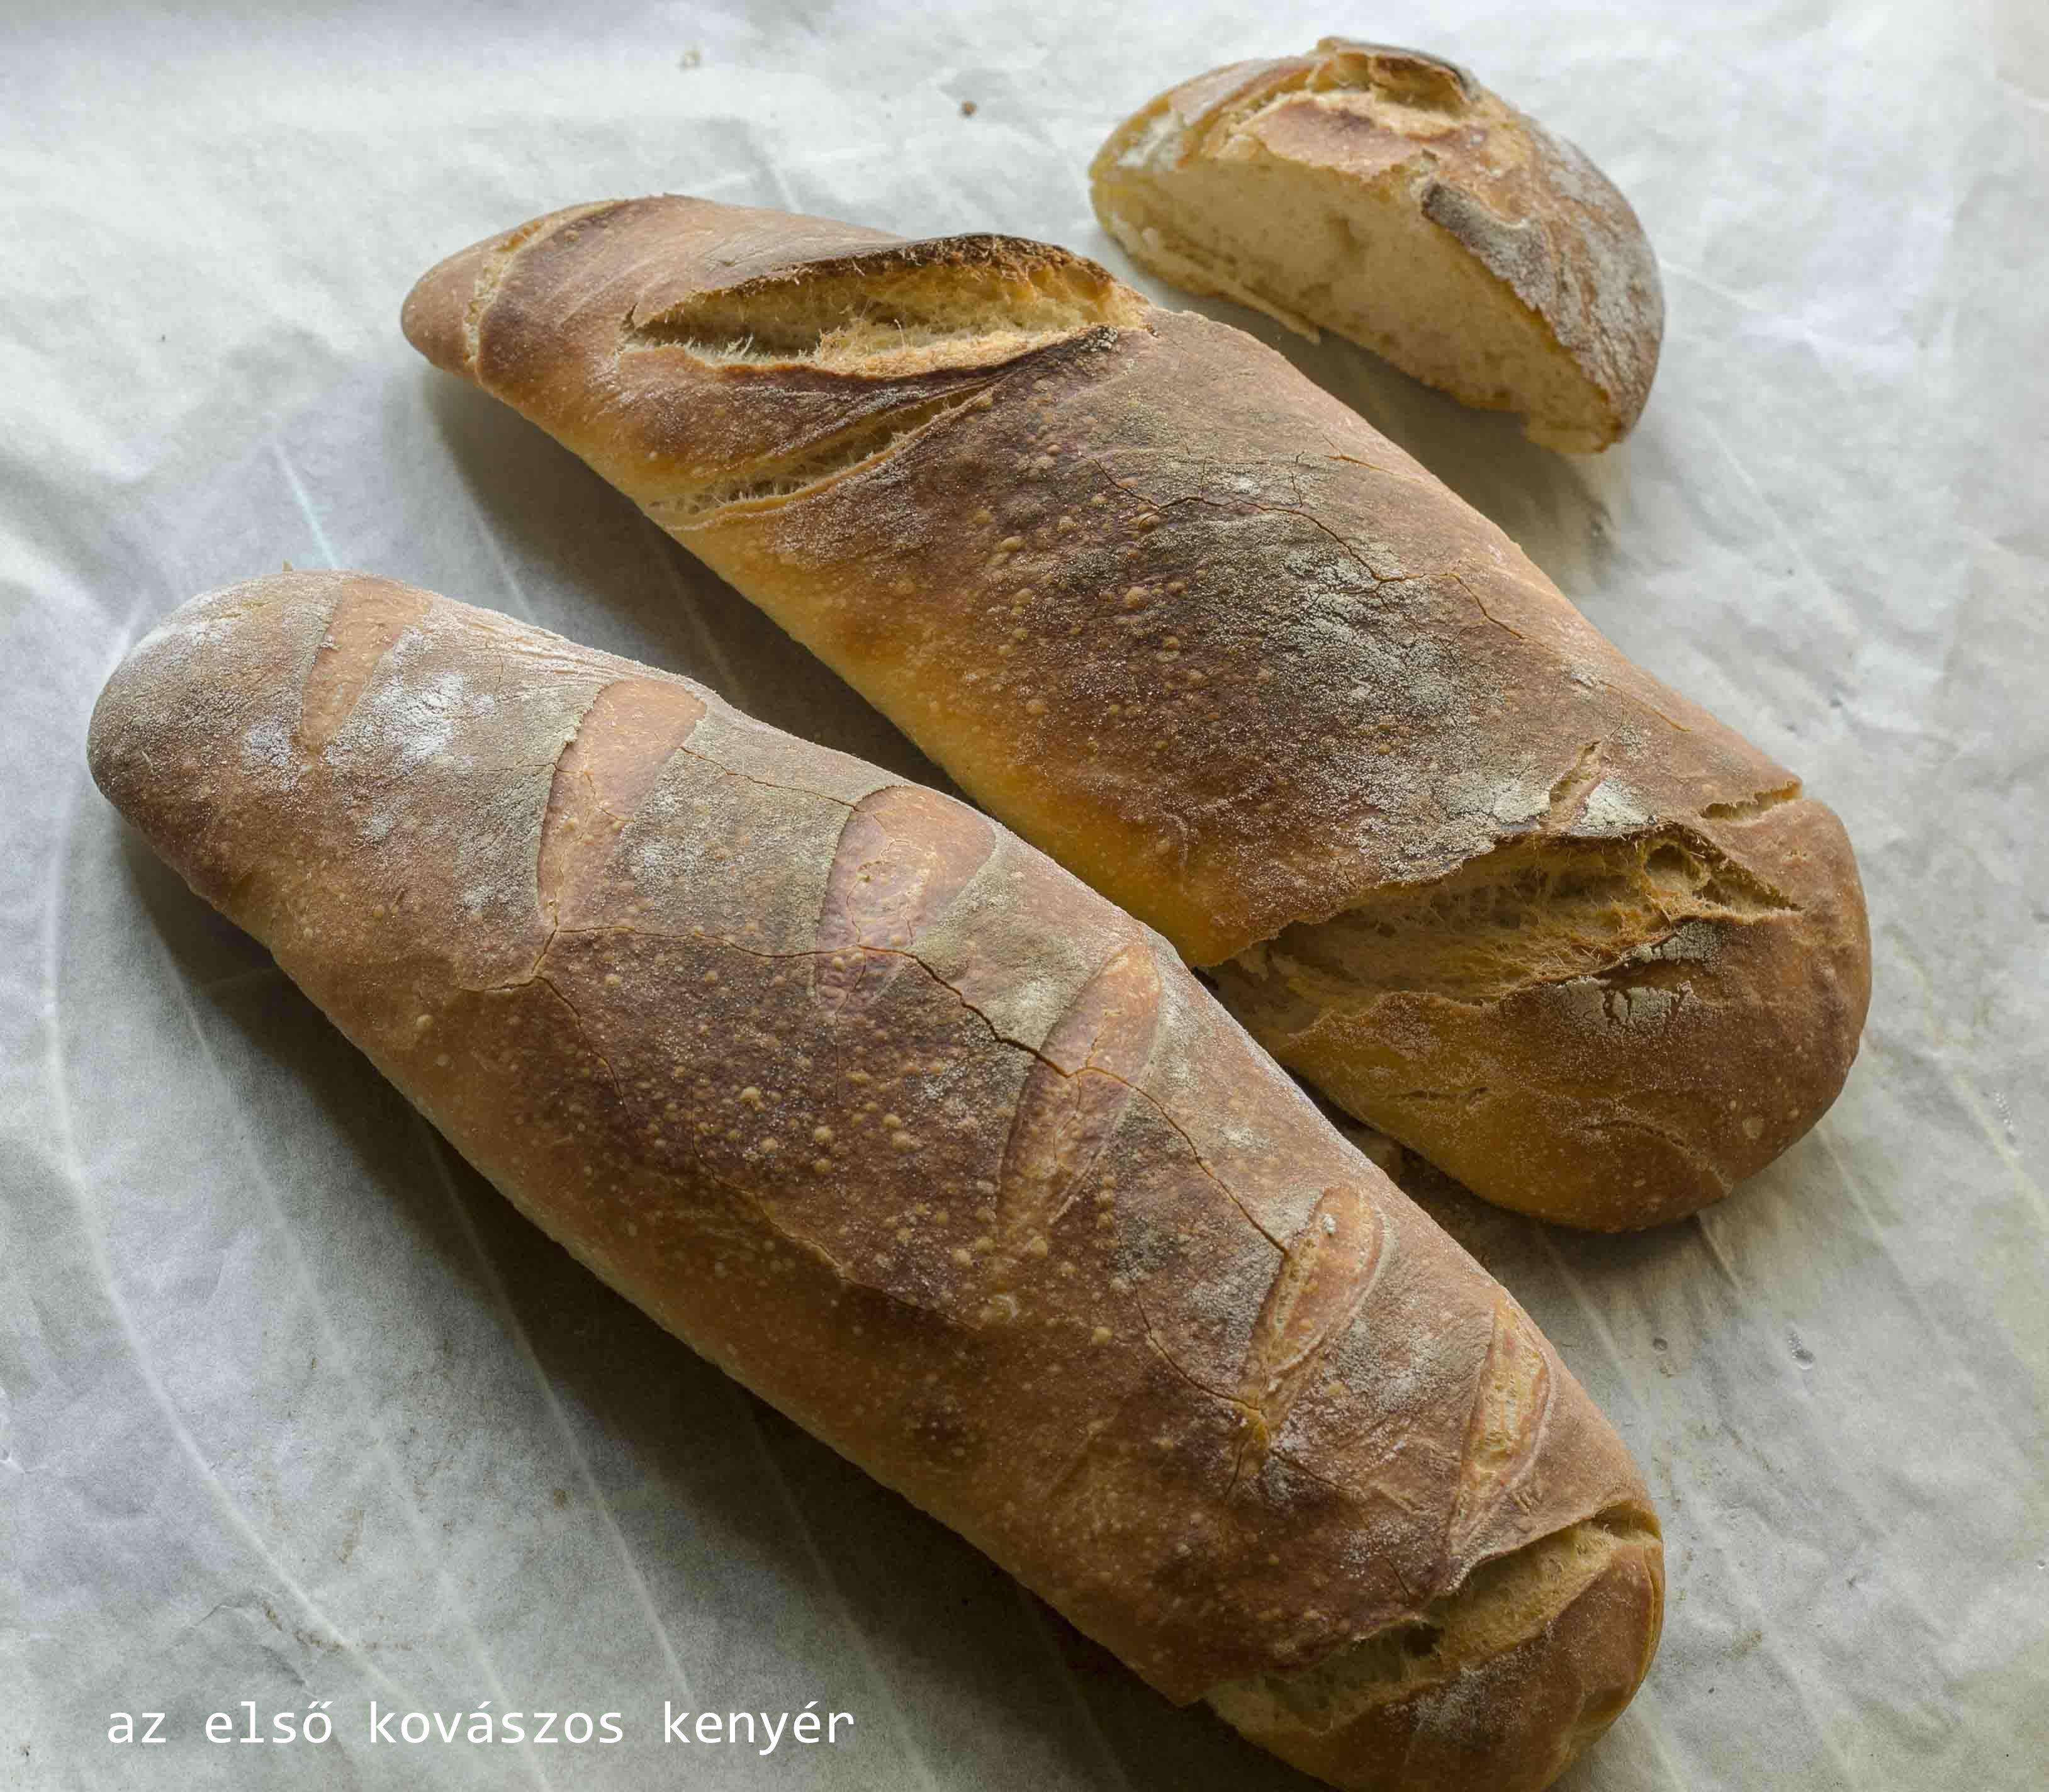 kovaszos kenyer1--